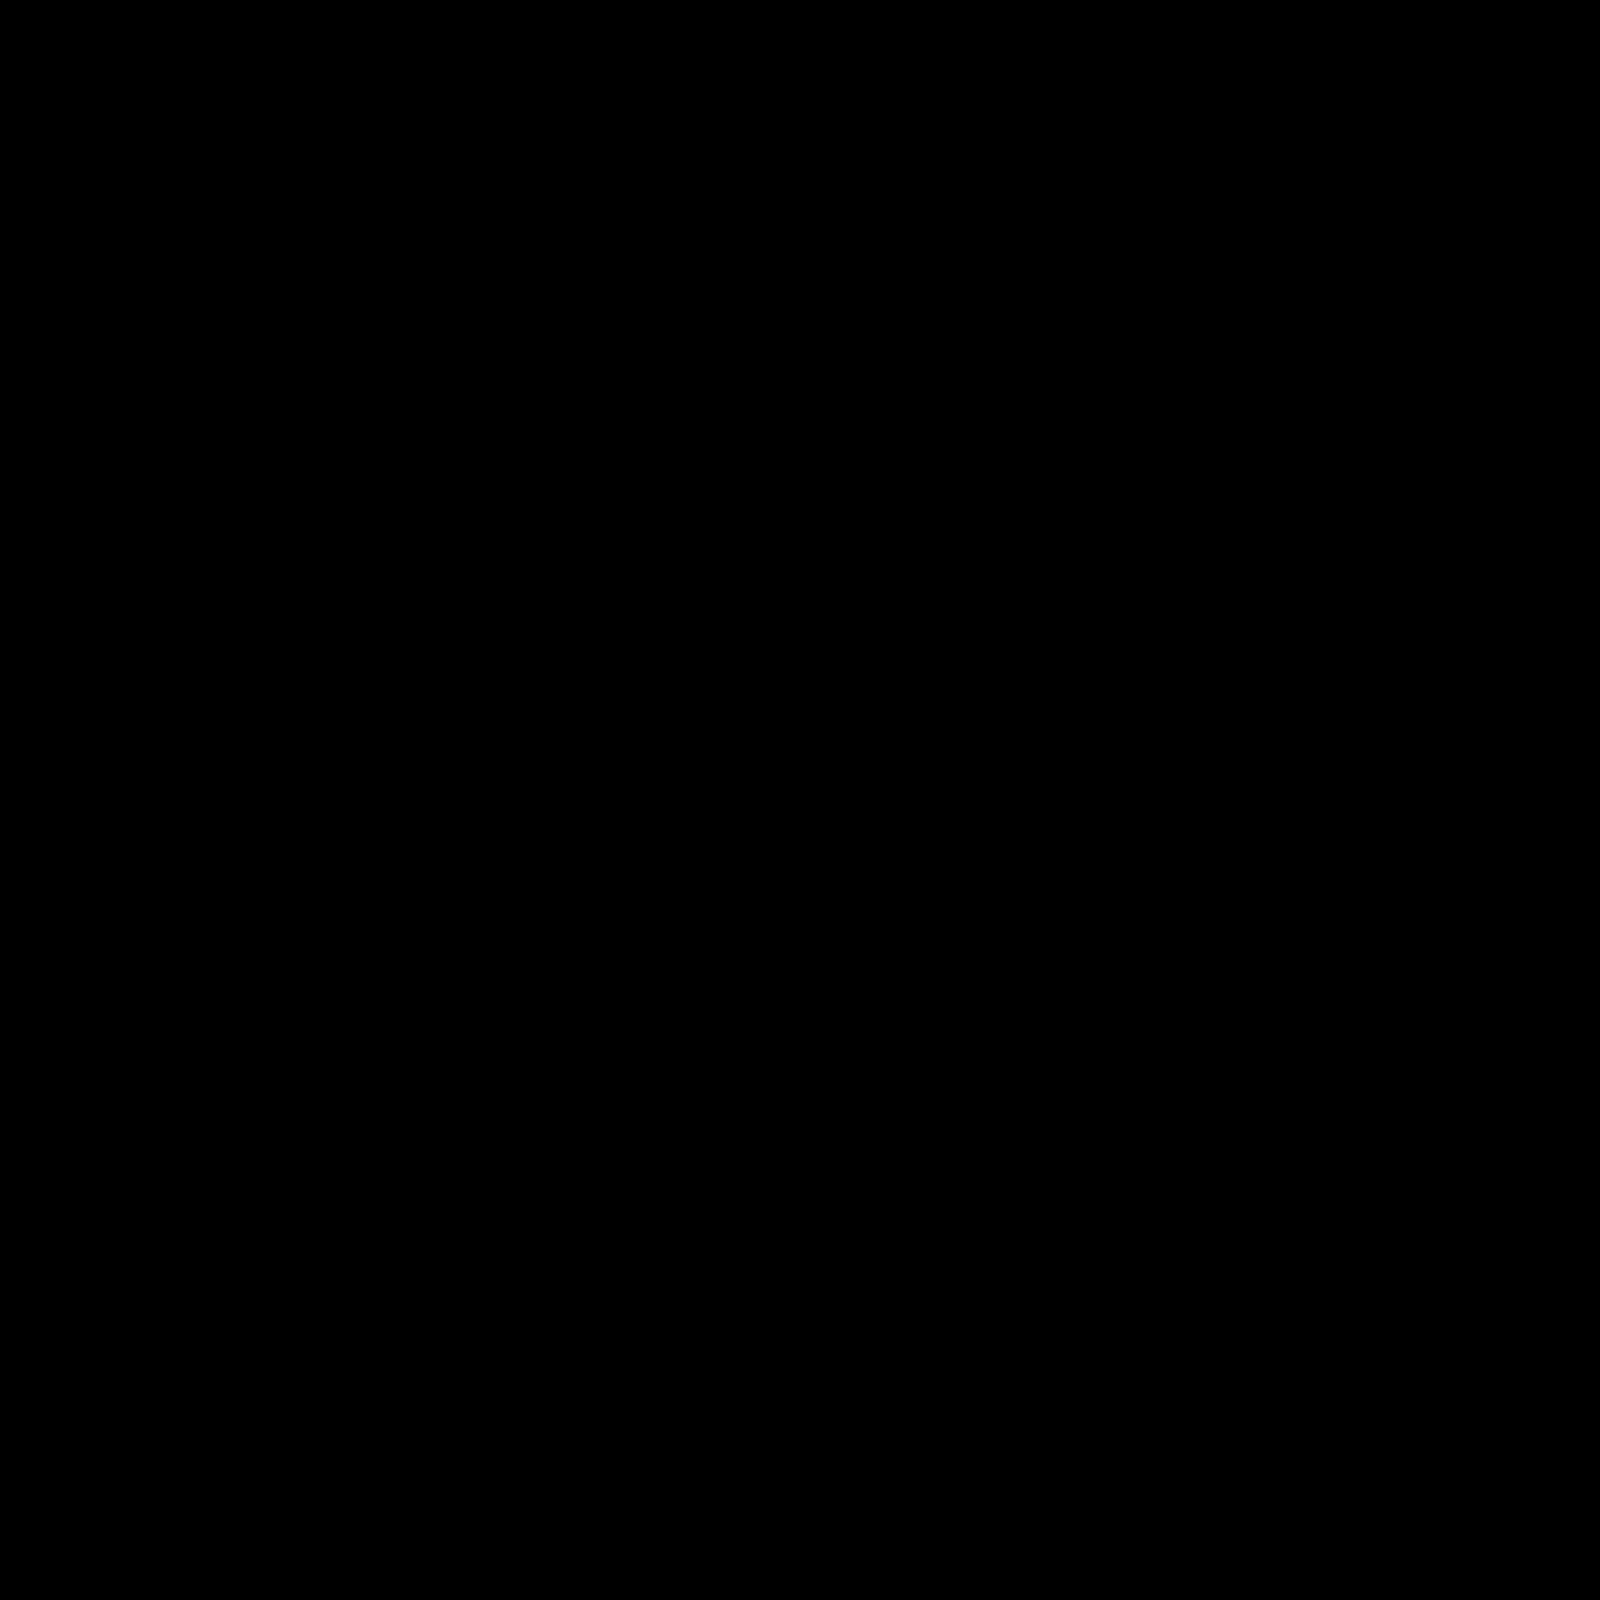 Resultado de imagem para lord of the rings icon